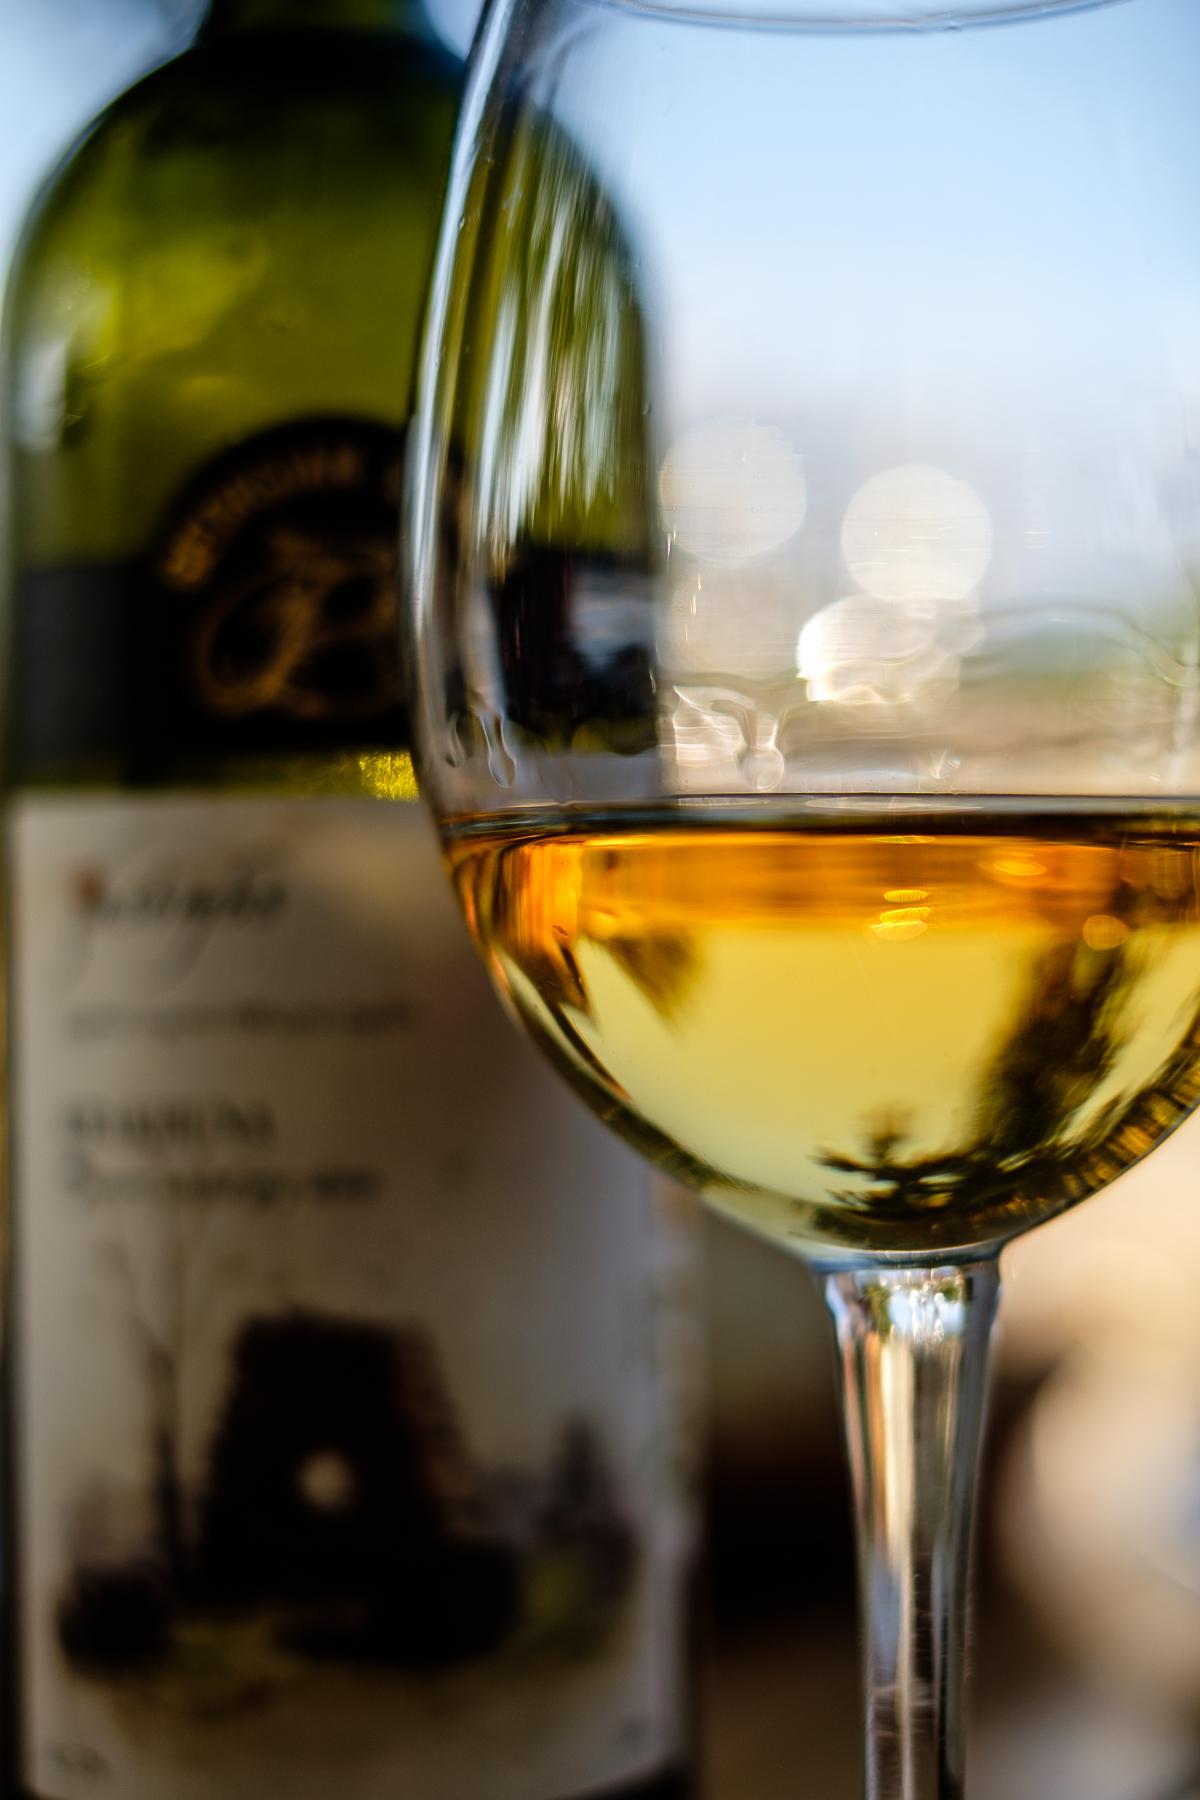 Rkatsiteli, Zangaura Winery, Kakheti